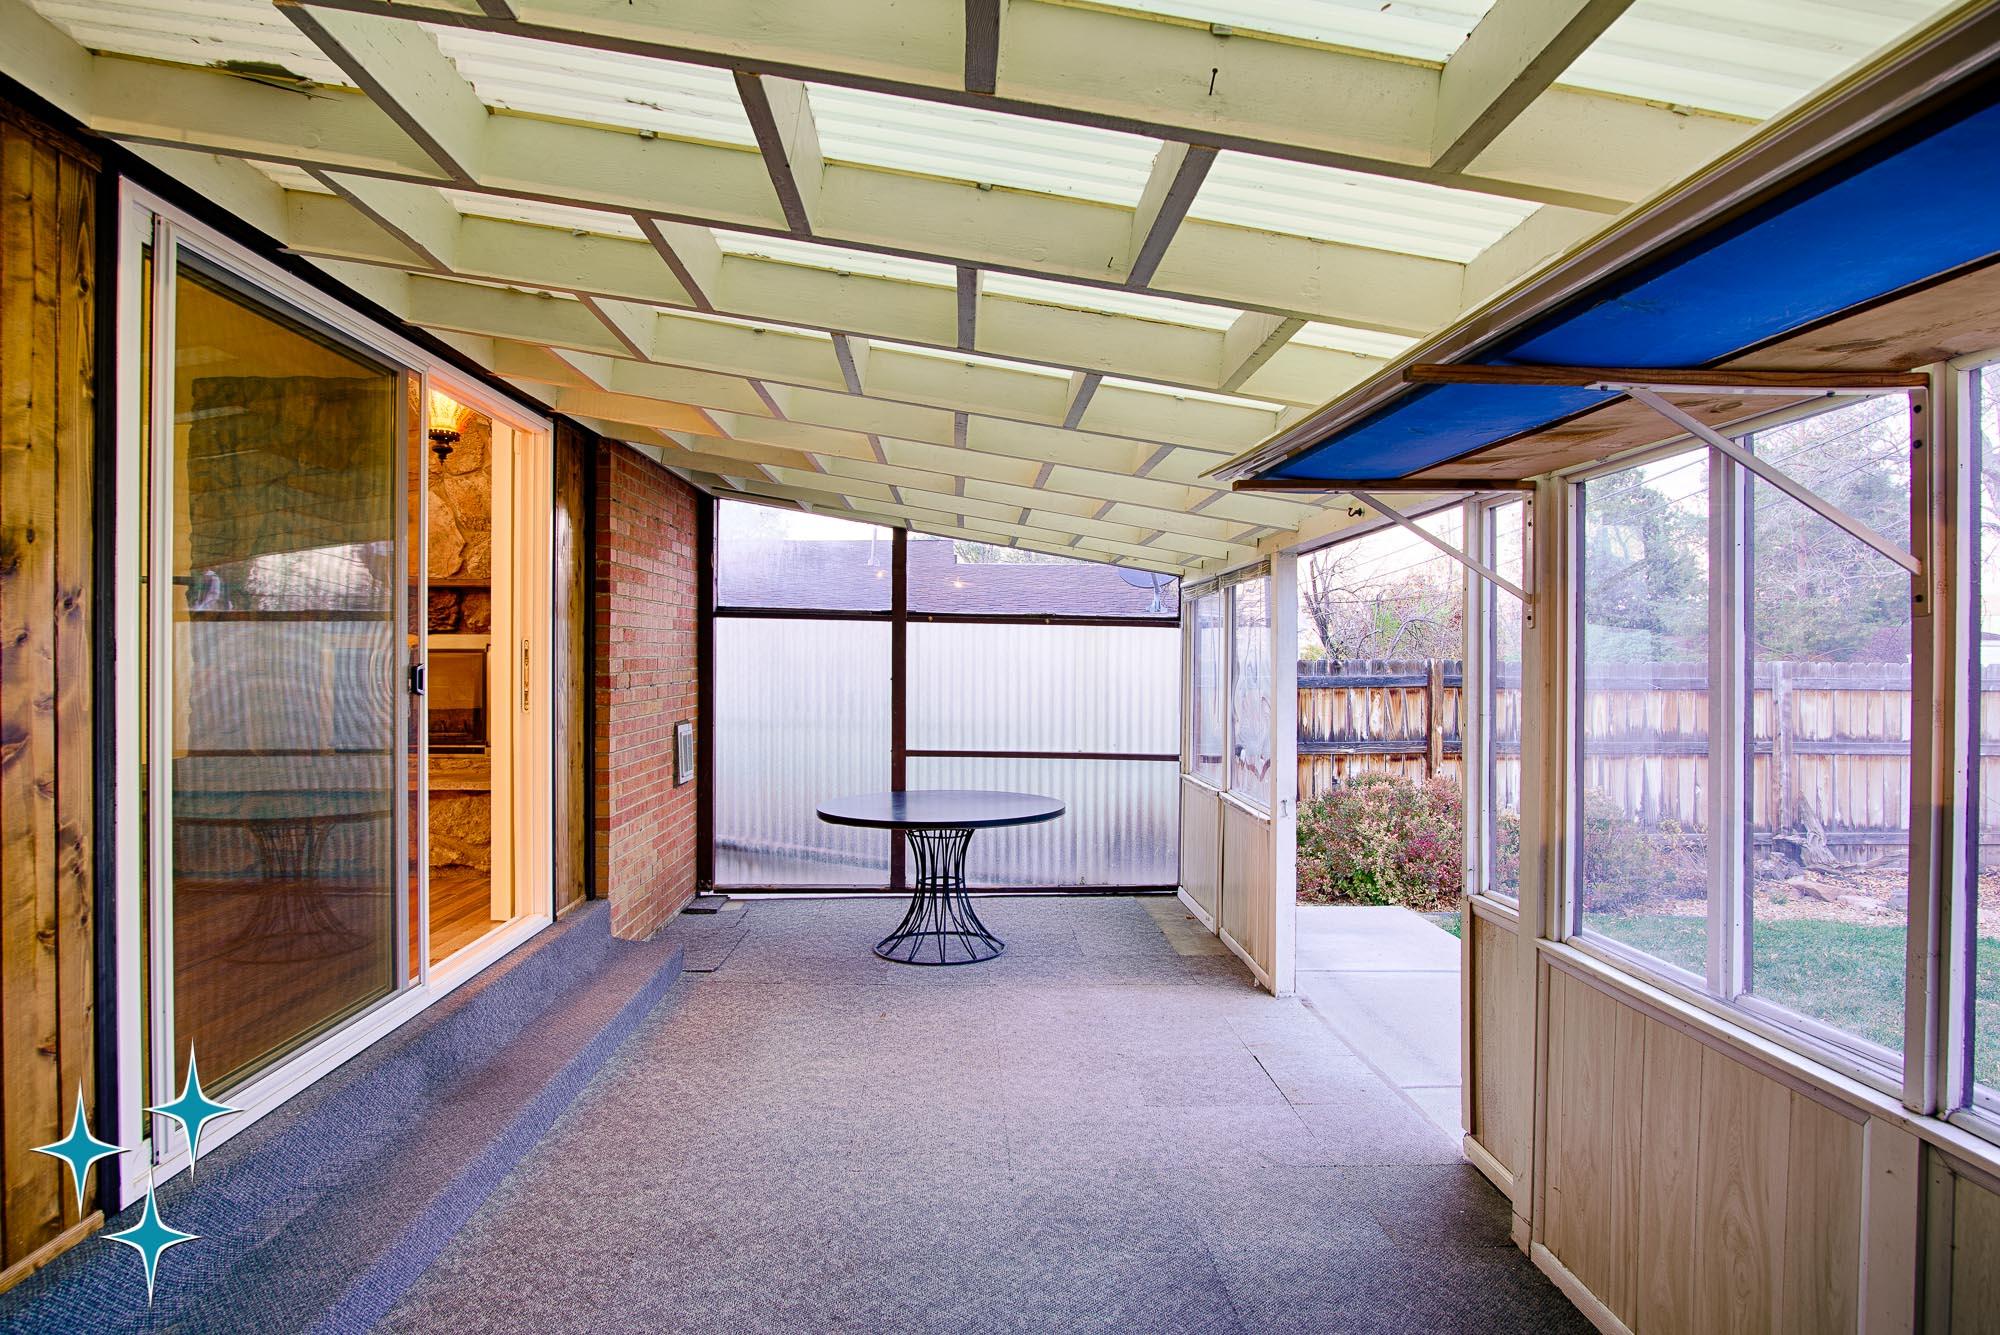 Adrian-Kinney-4155-W-Iliff-Avenue-Denver-r-Carey-Holiday-Home-2000w50-3SWM-33.jpg